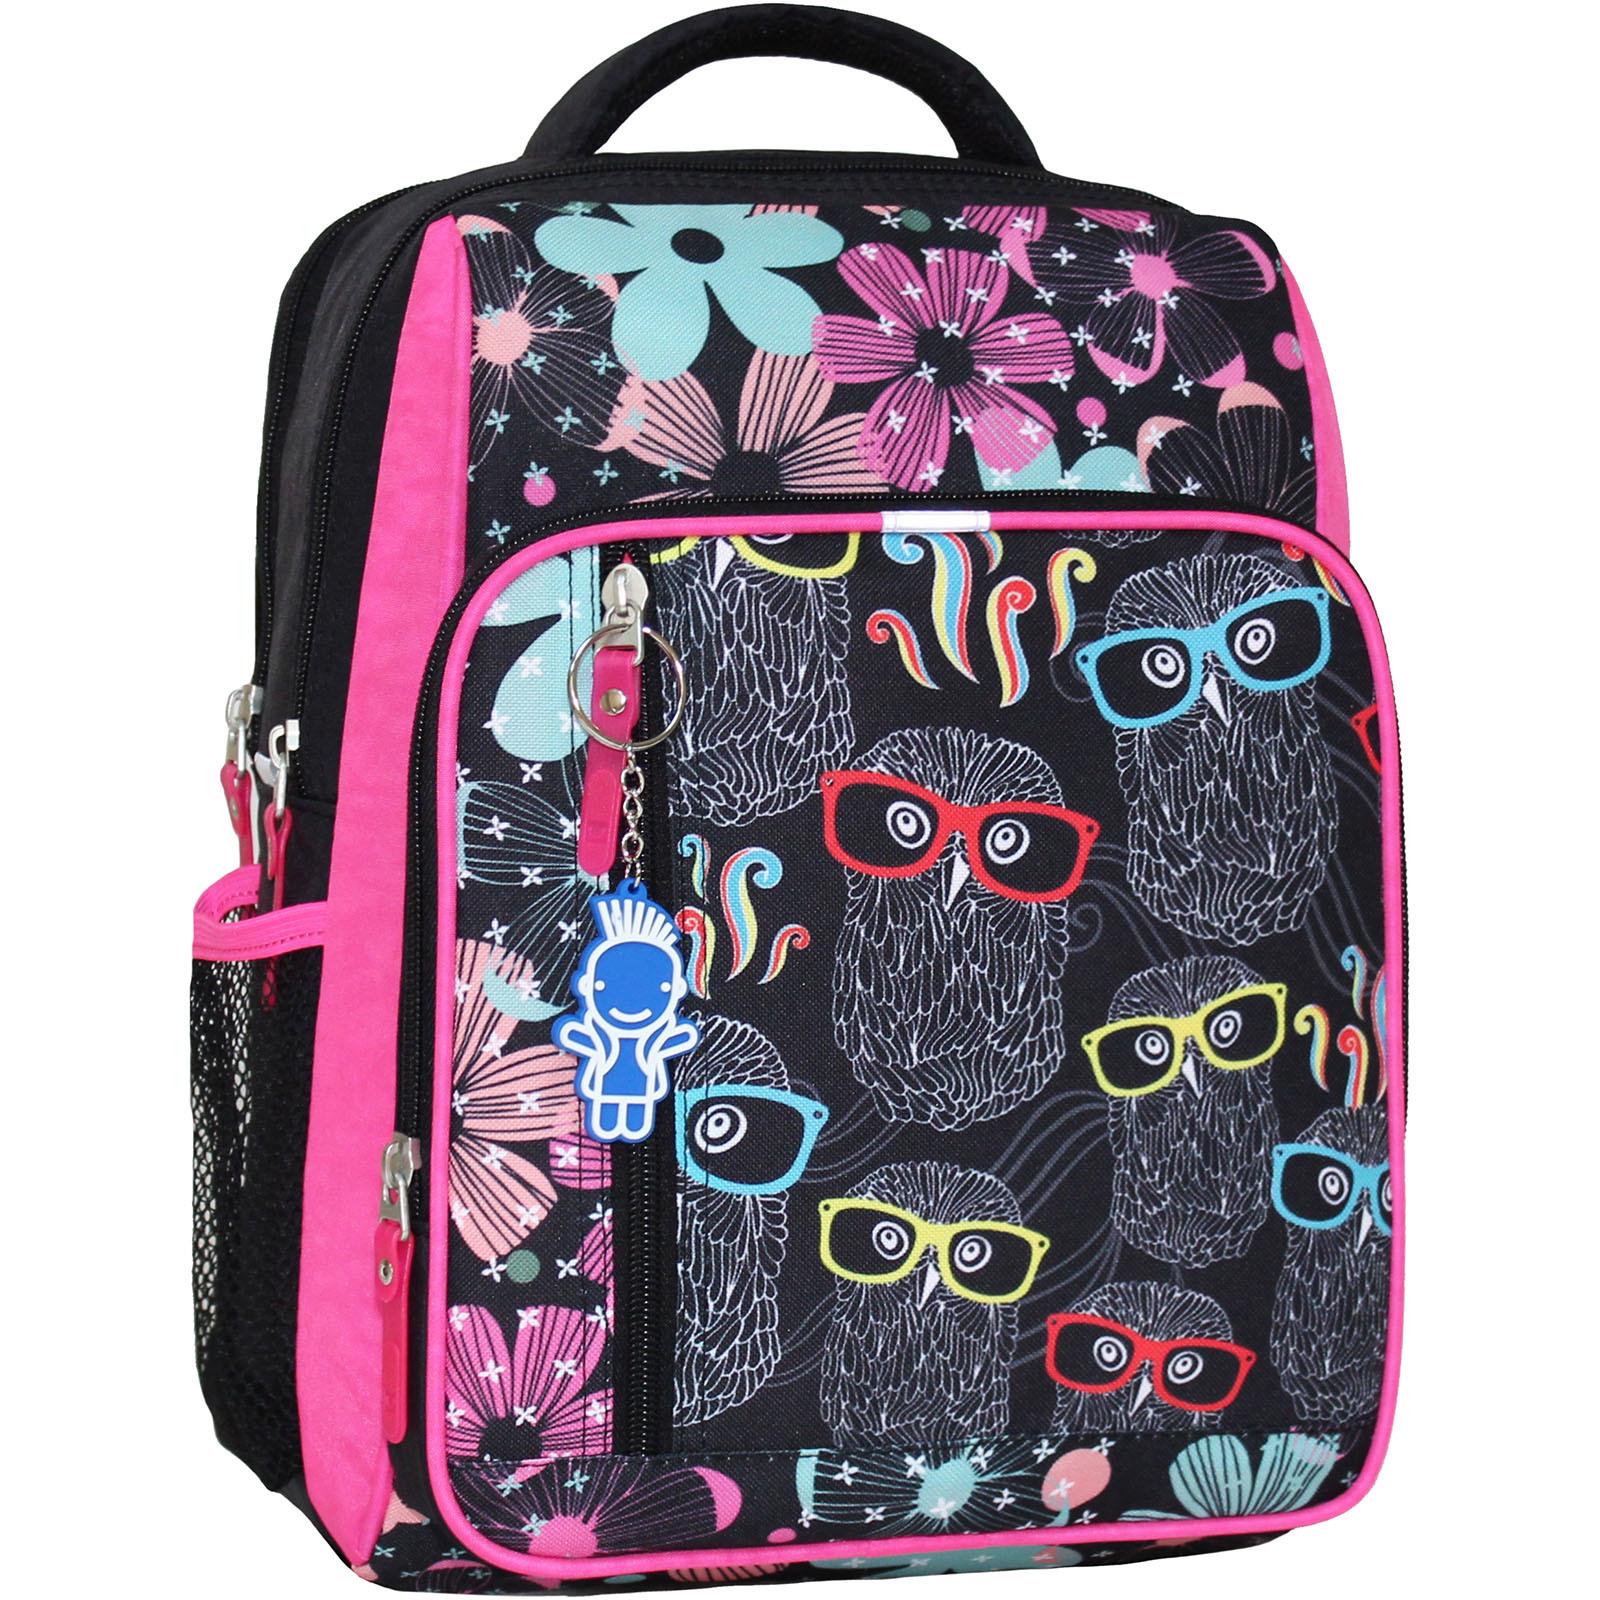 Школьные рюкзаки Рюкзак школьный Bagland Школьник 8 л. черный 403 (00112702) IMG_4969_2403_.JPG